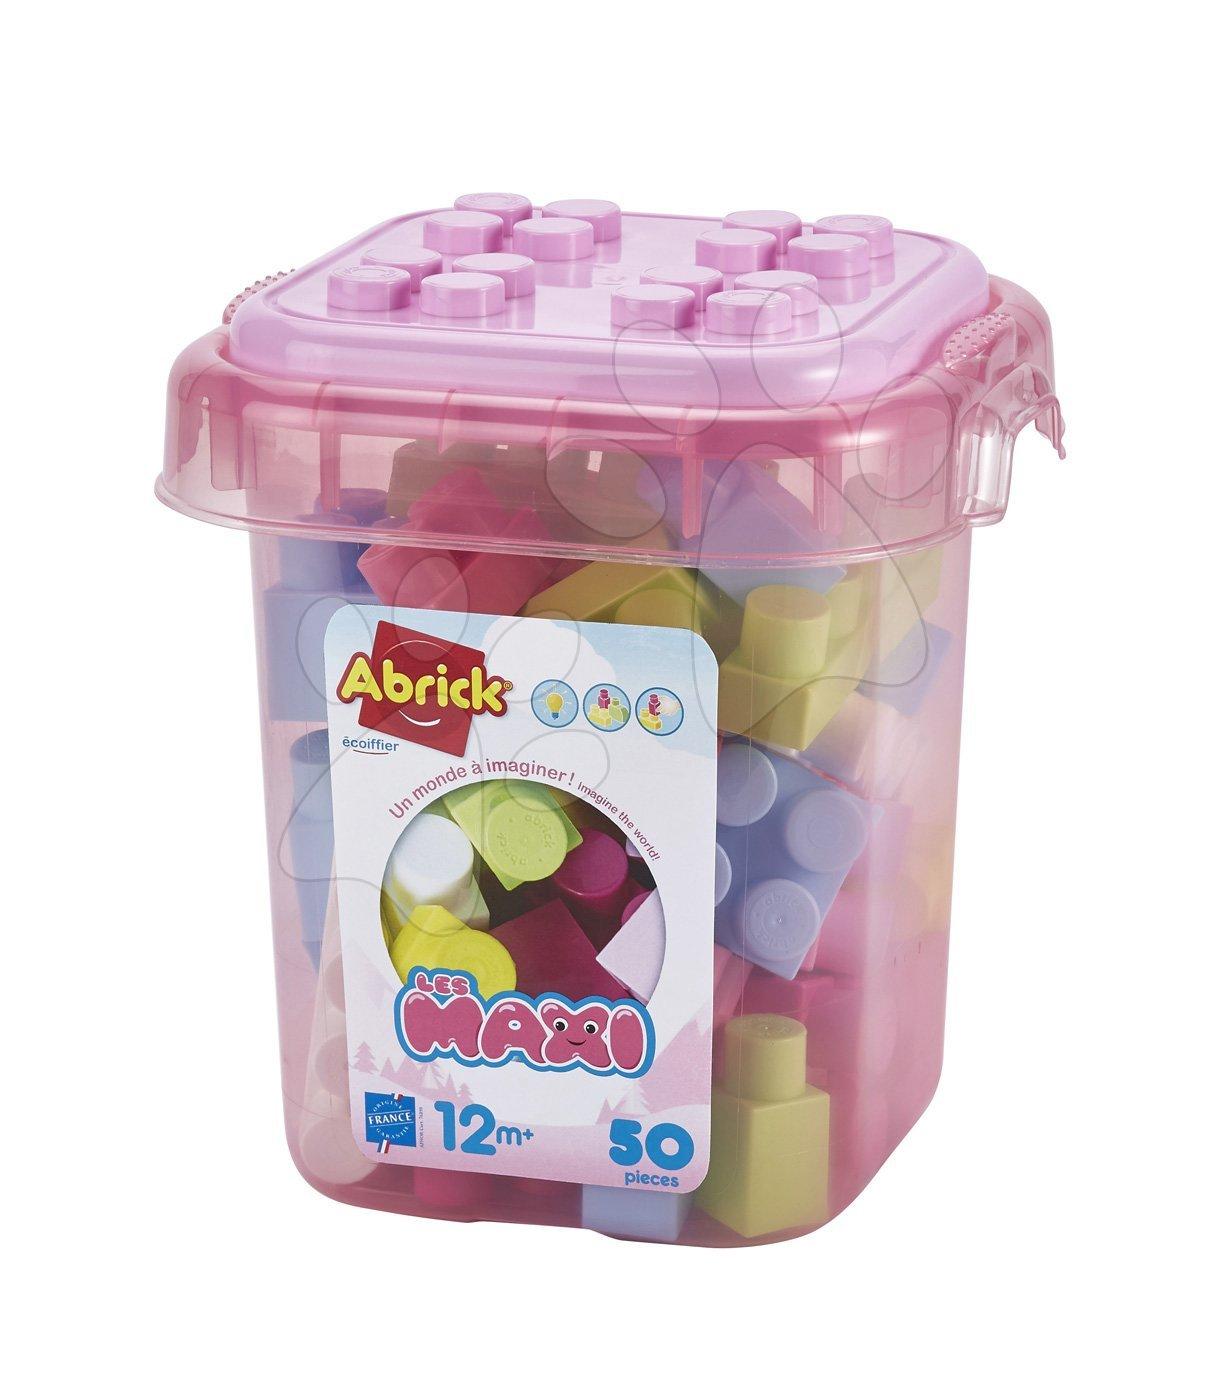 Baba építőjáték és kockák - Építőkockák dobozban Abrick Maxi Écoiffier 50 db-os 12 hó-tól